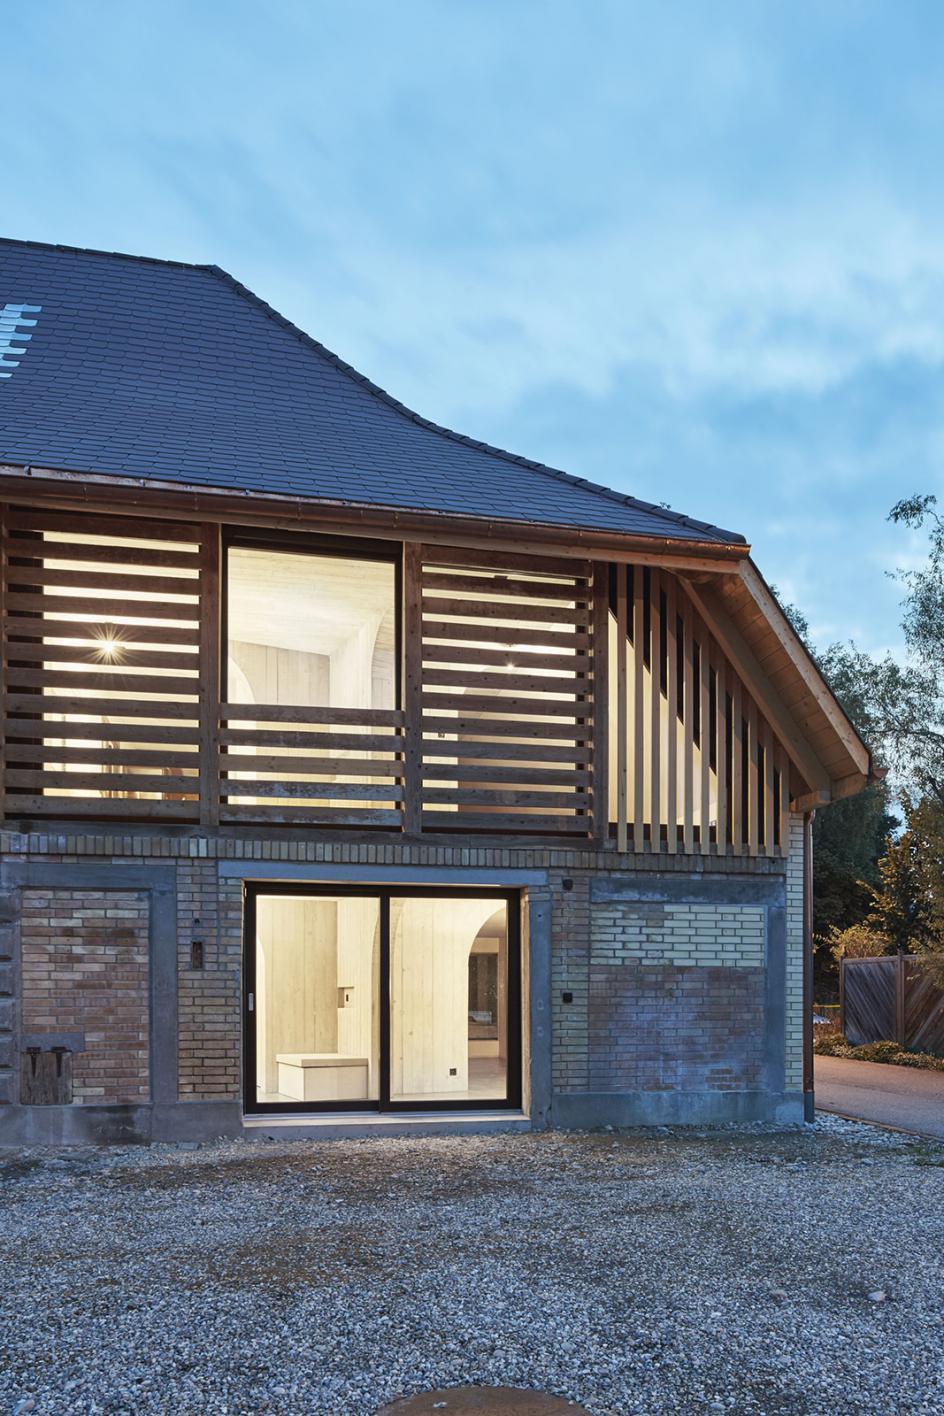 Schritt f r schritt step by step freiluft architekten - Architekt bauernhaus ...